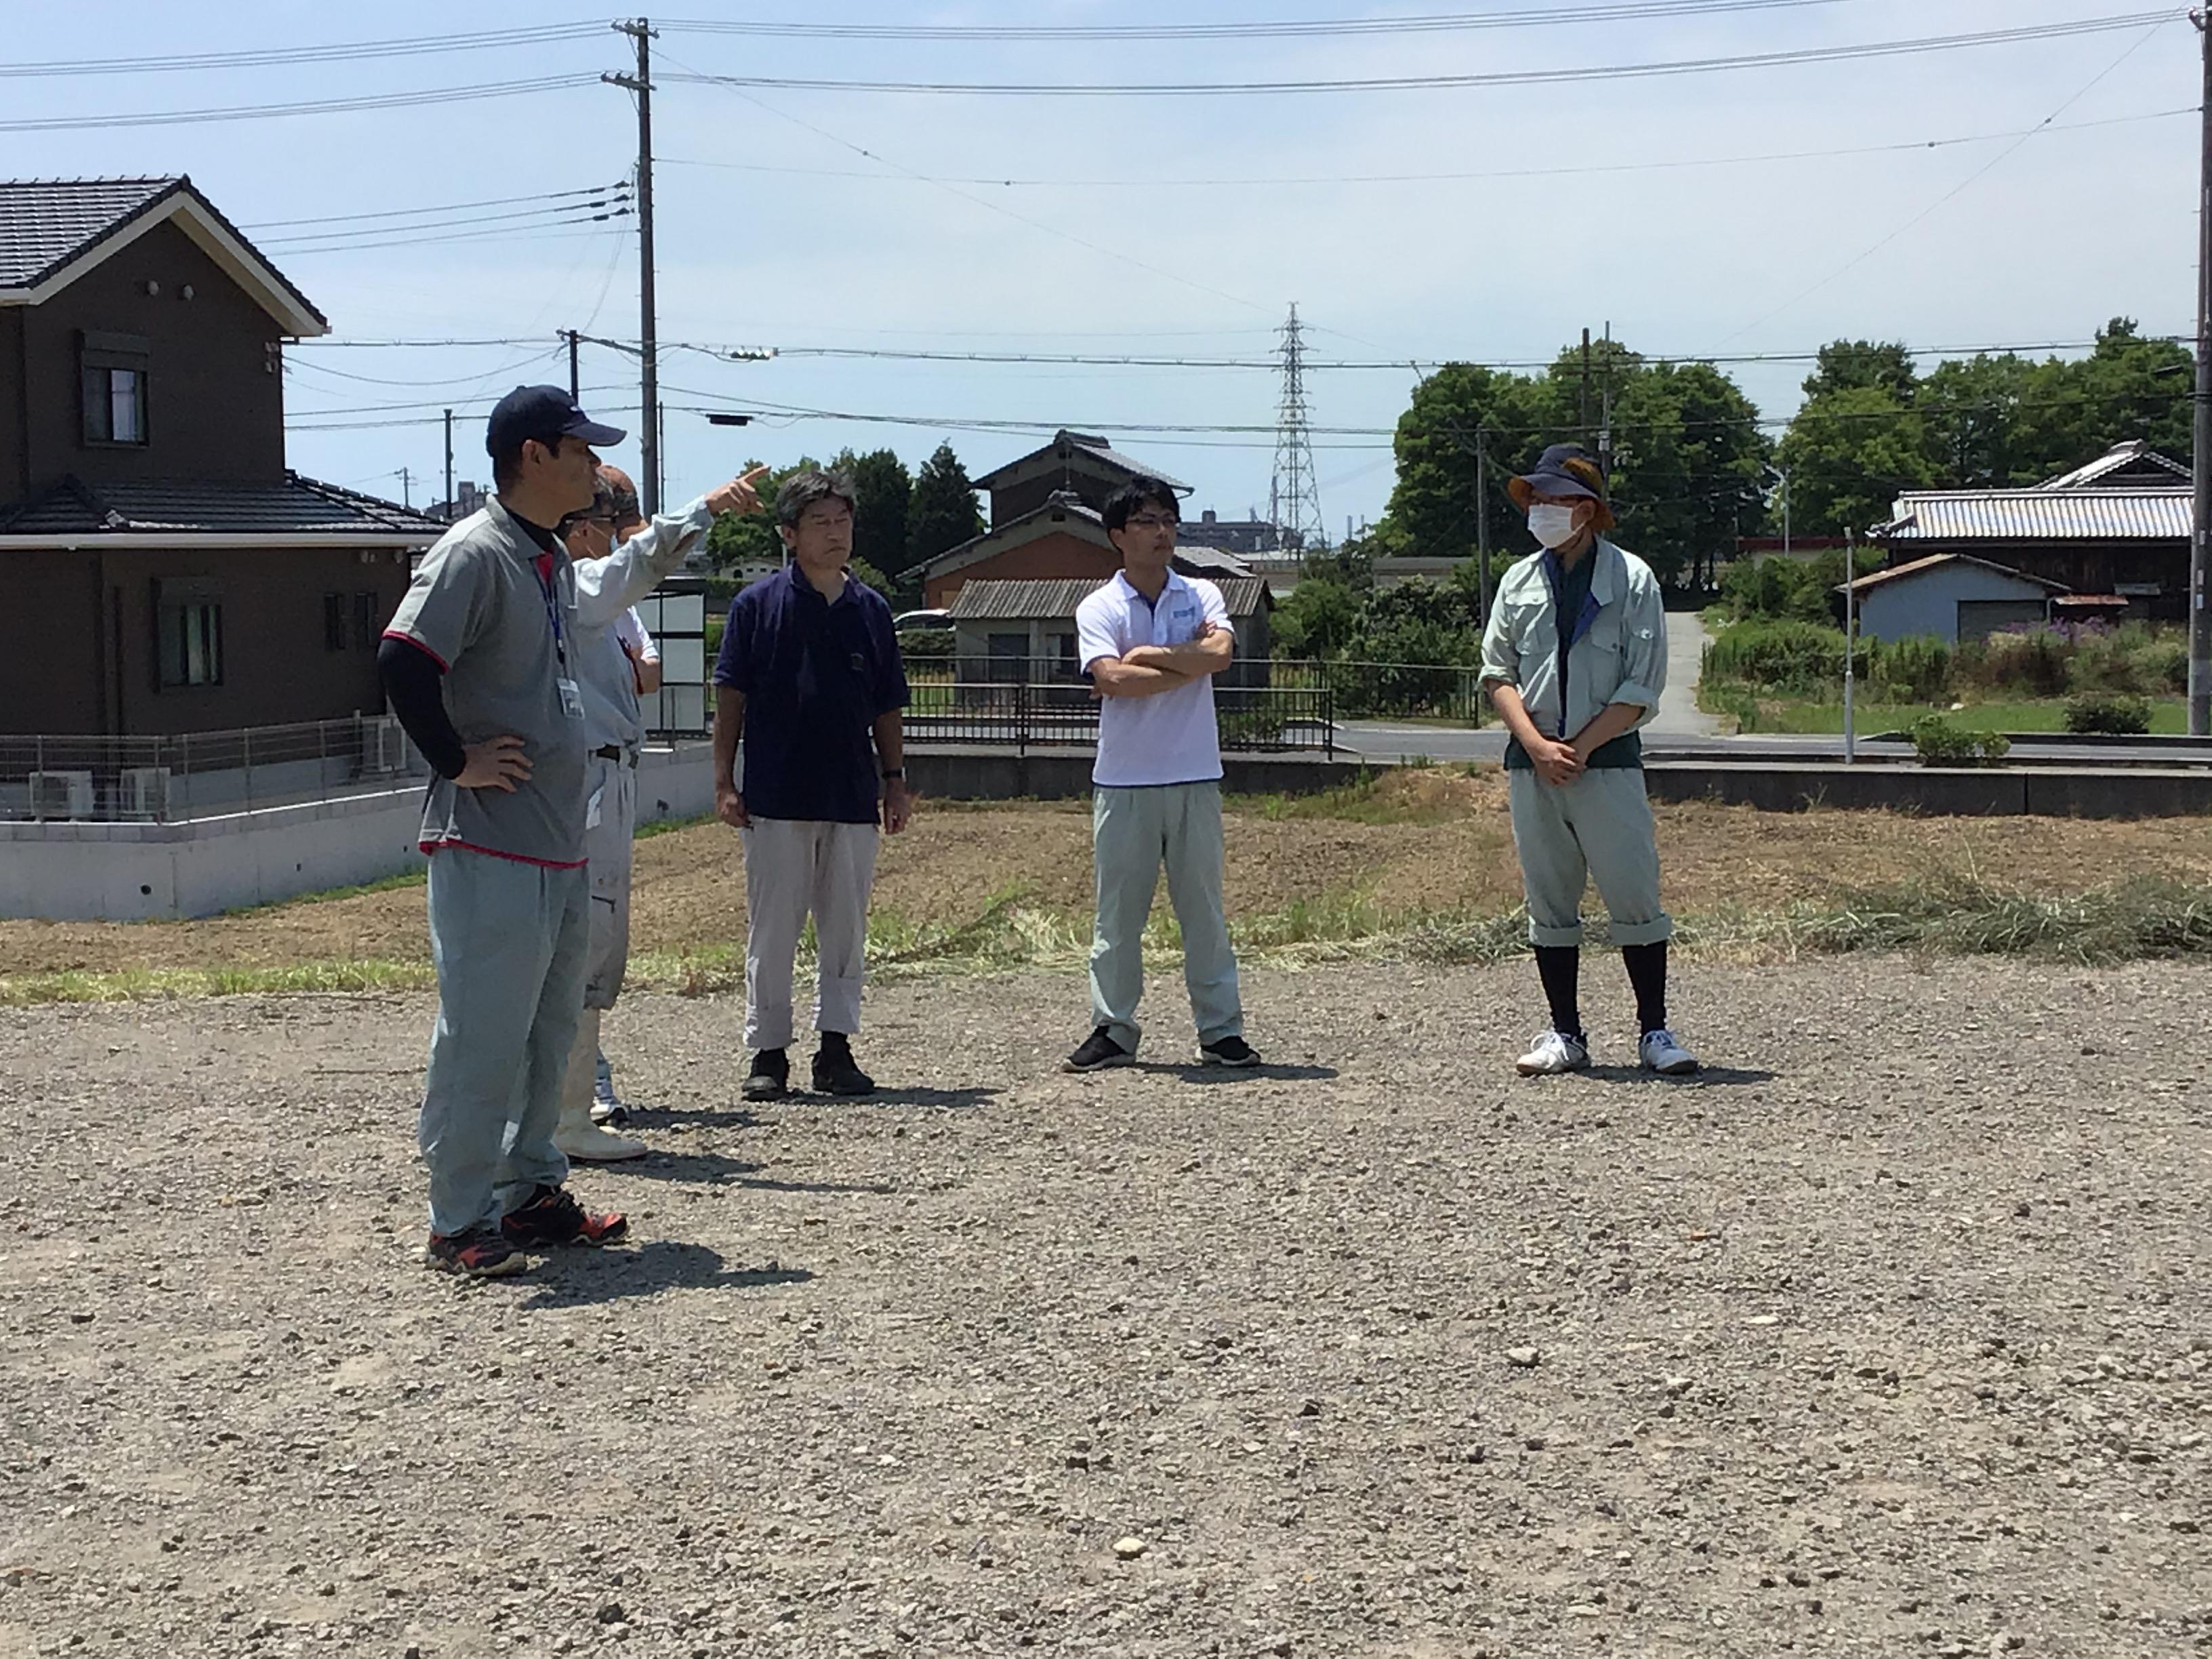 左から東播磨県民局長谷坂班長、エコロジー研究所丸井代表、加古川流域土地改良事務所の方々(尾崎課長補佐、勝治さん、喜田さん、写ってませんが朝比奈課長)お疲れ様でした。